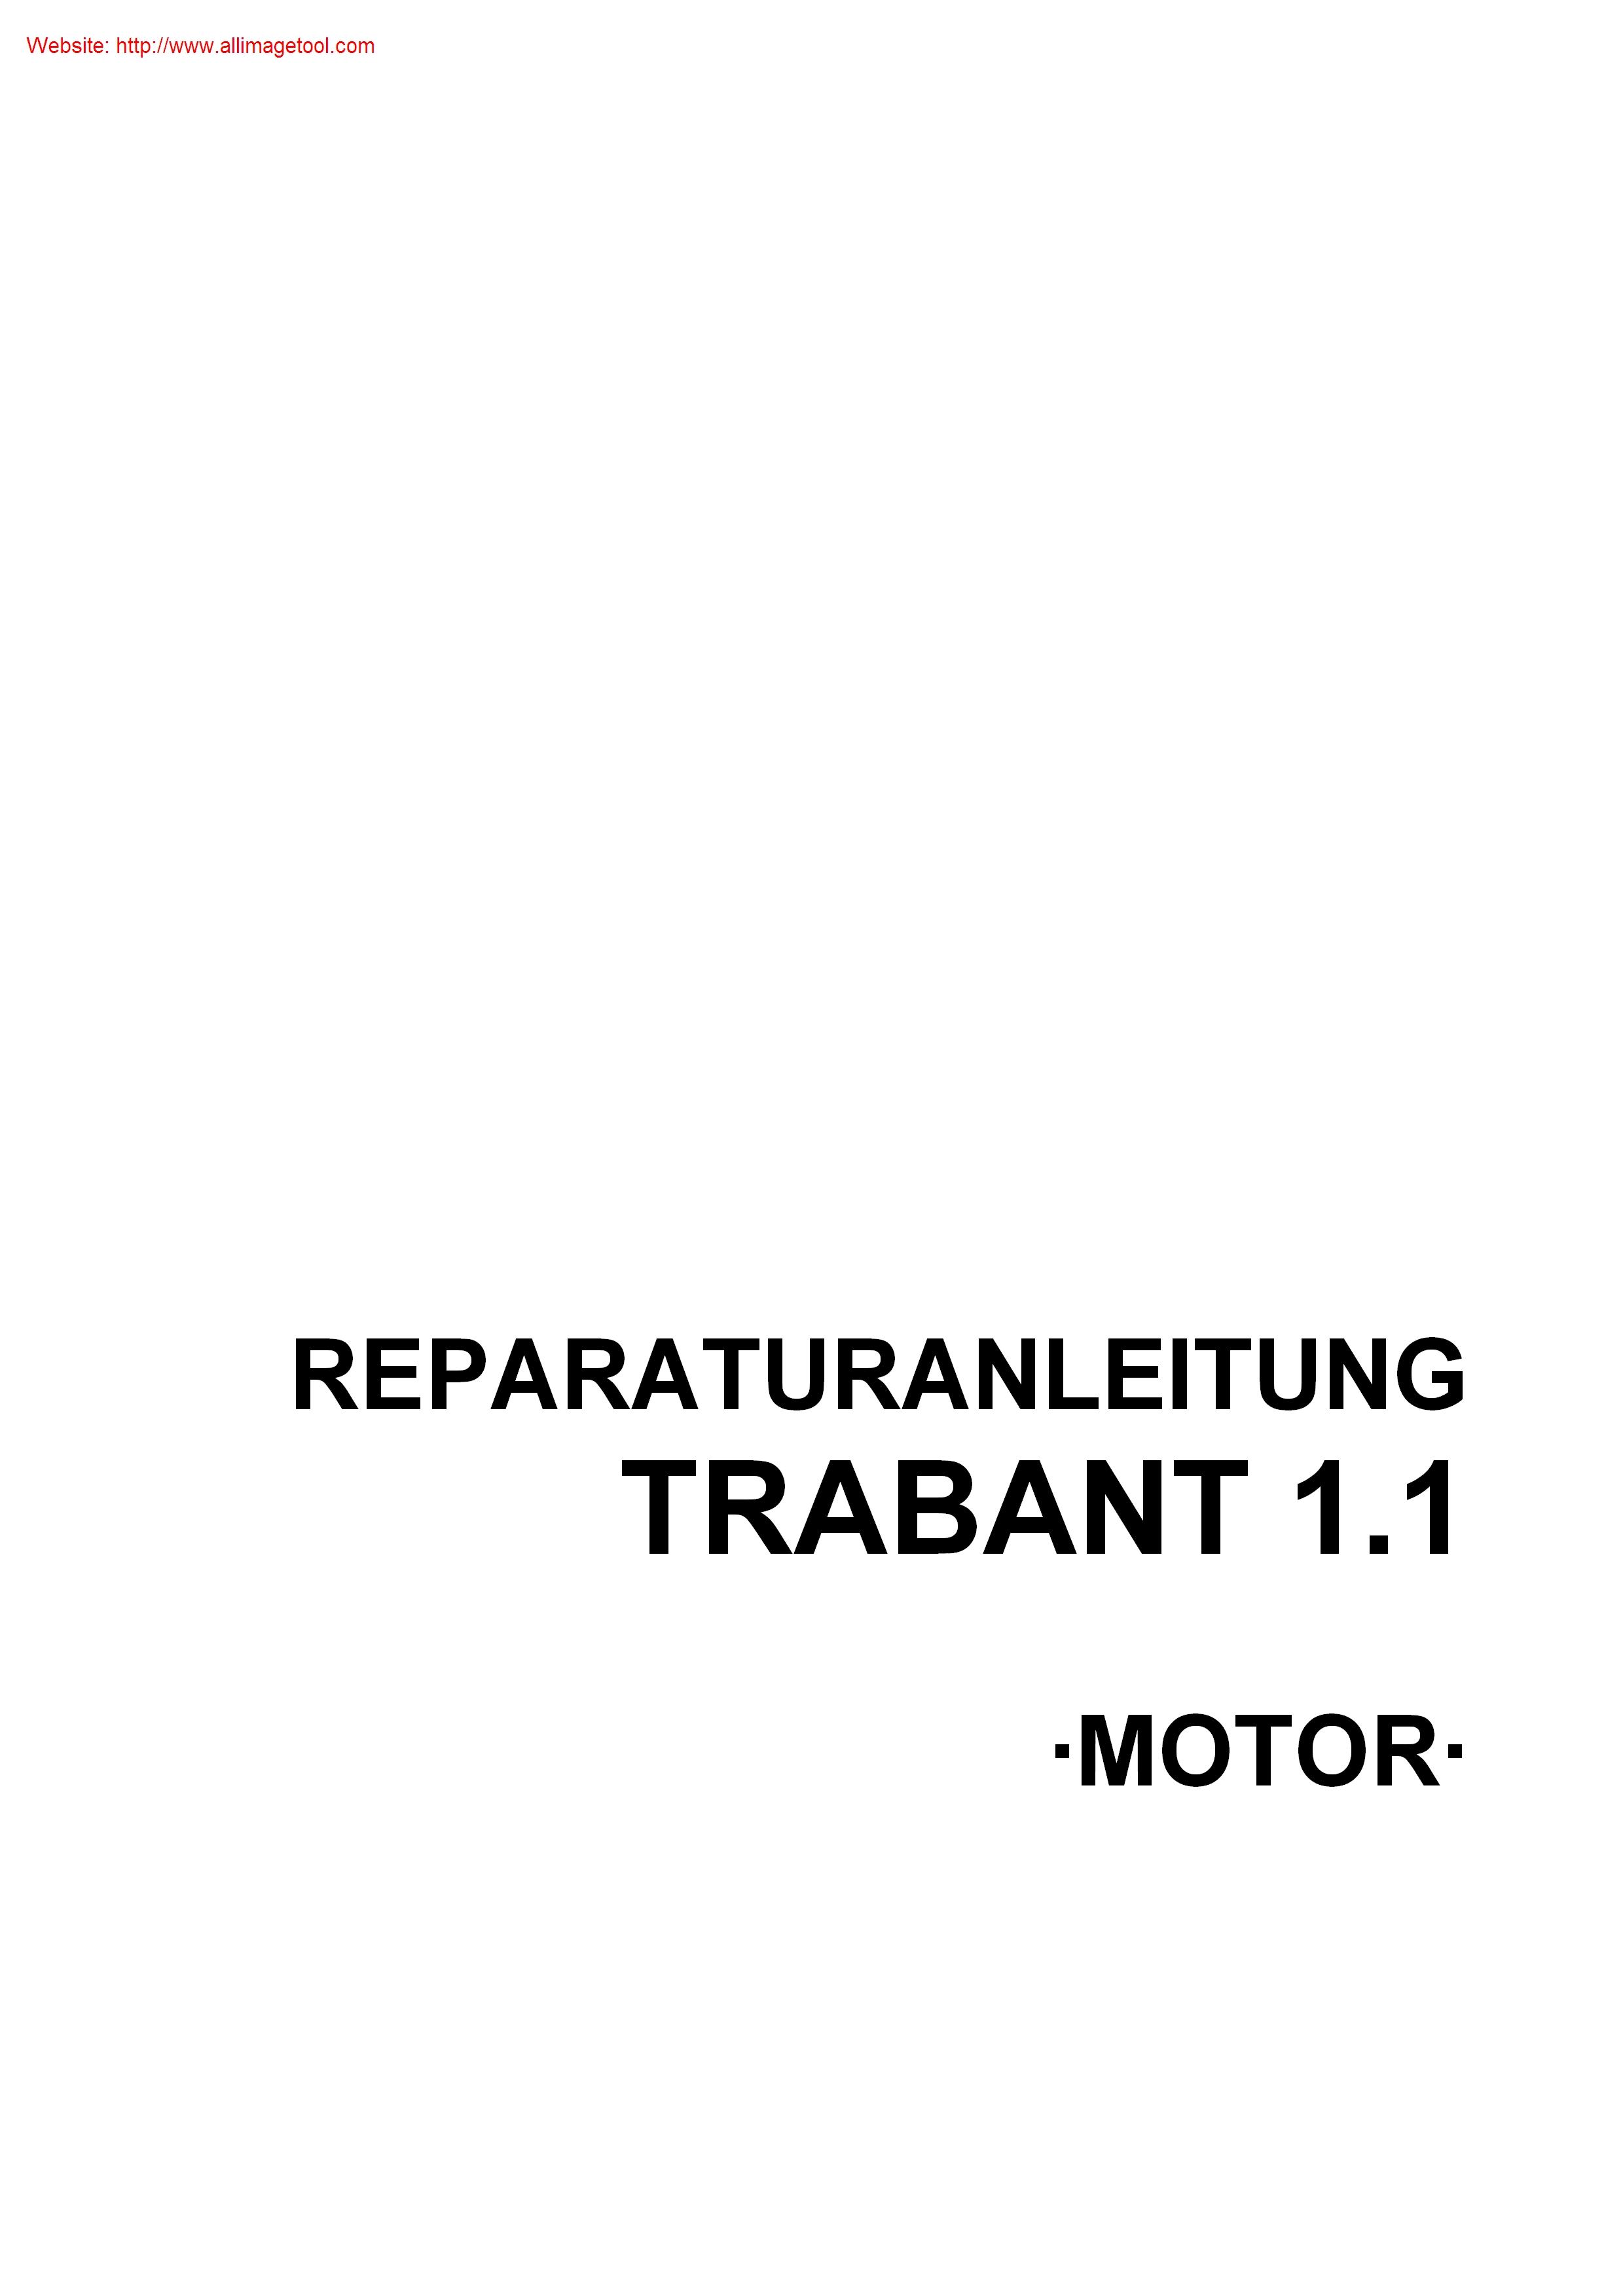 trabant1.1motor-001.jpg